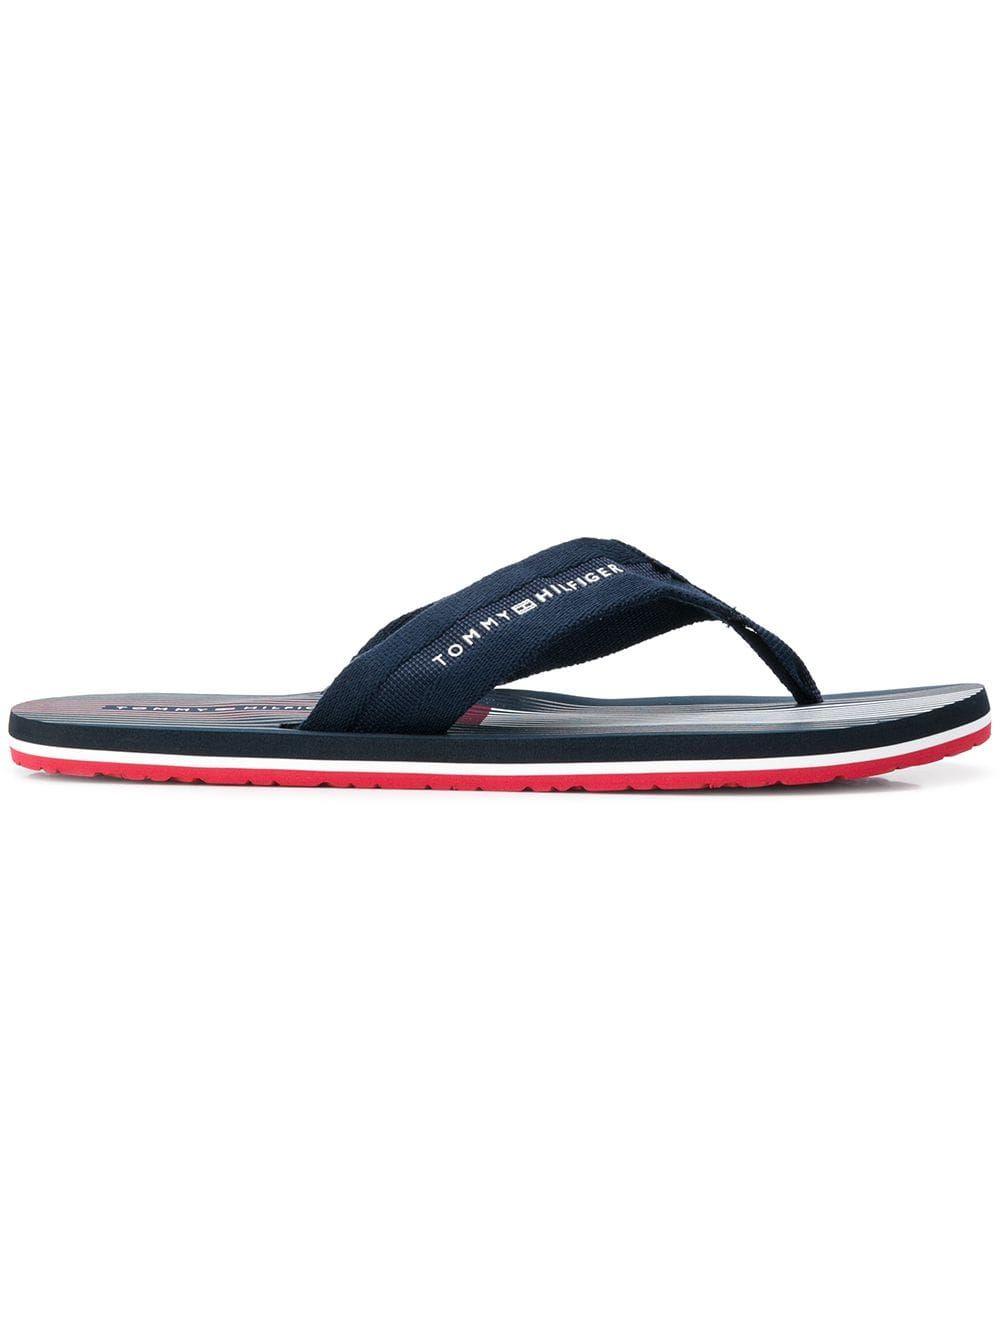 Blue Tommy Hilfiger Mens Logo Flip Flops